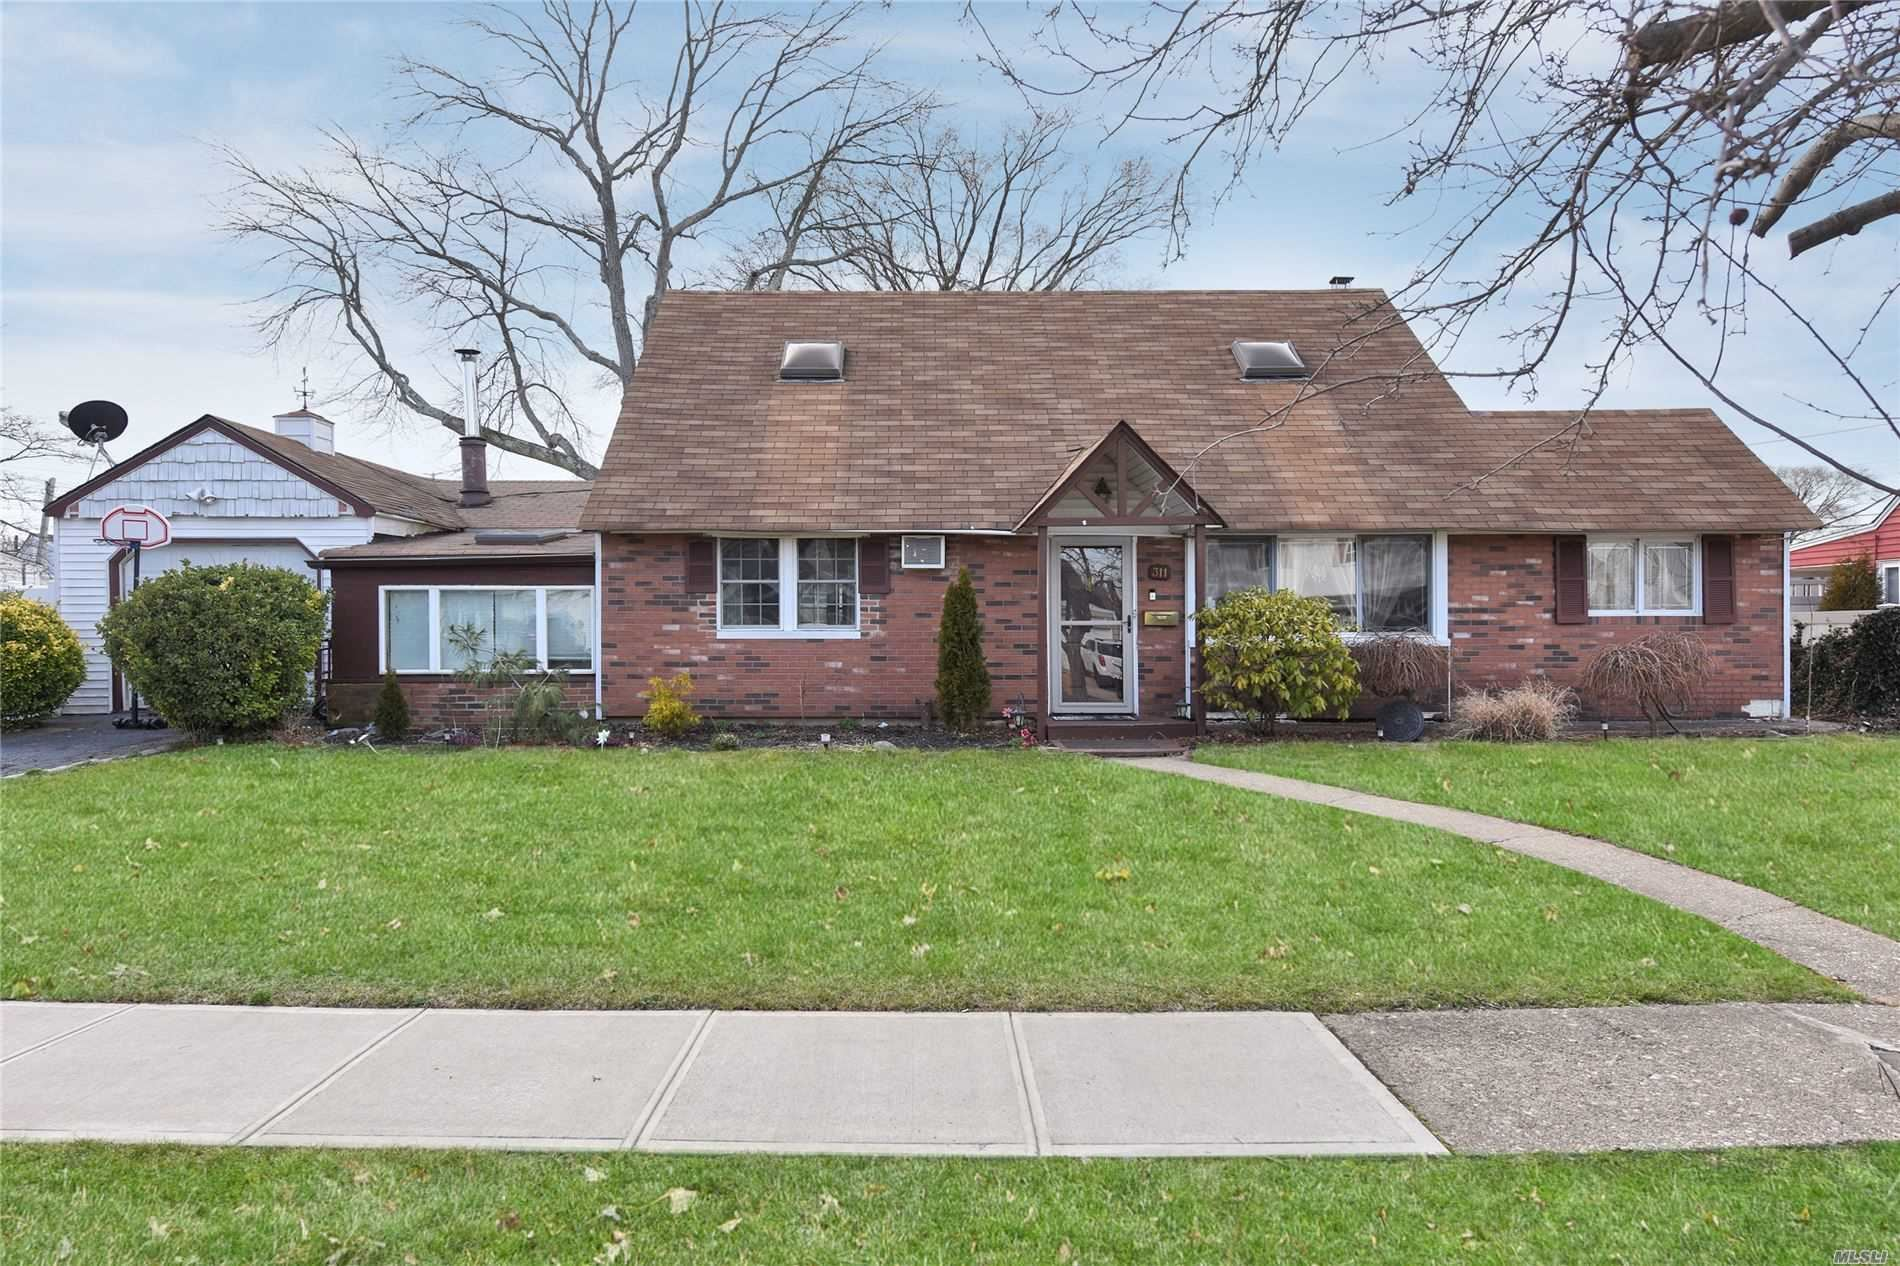 311 Herbert Place, Bethpage, NY 11714 - MLS#: 3198023